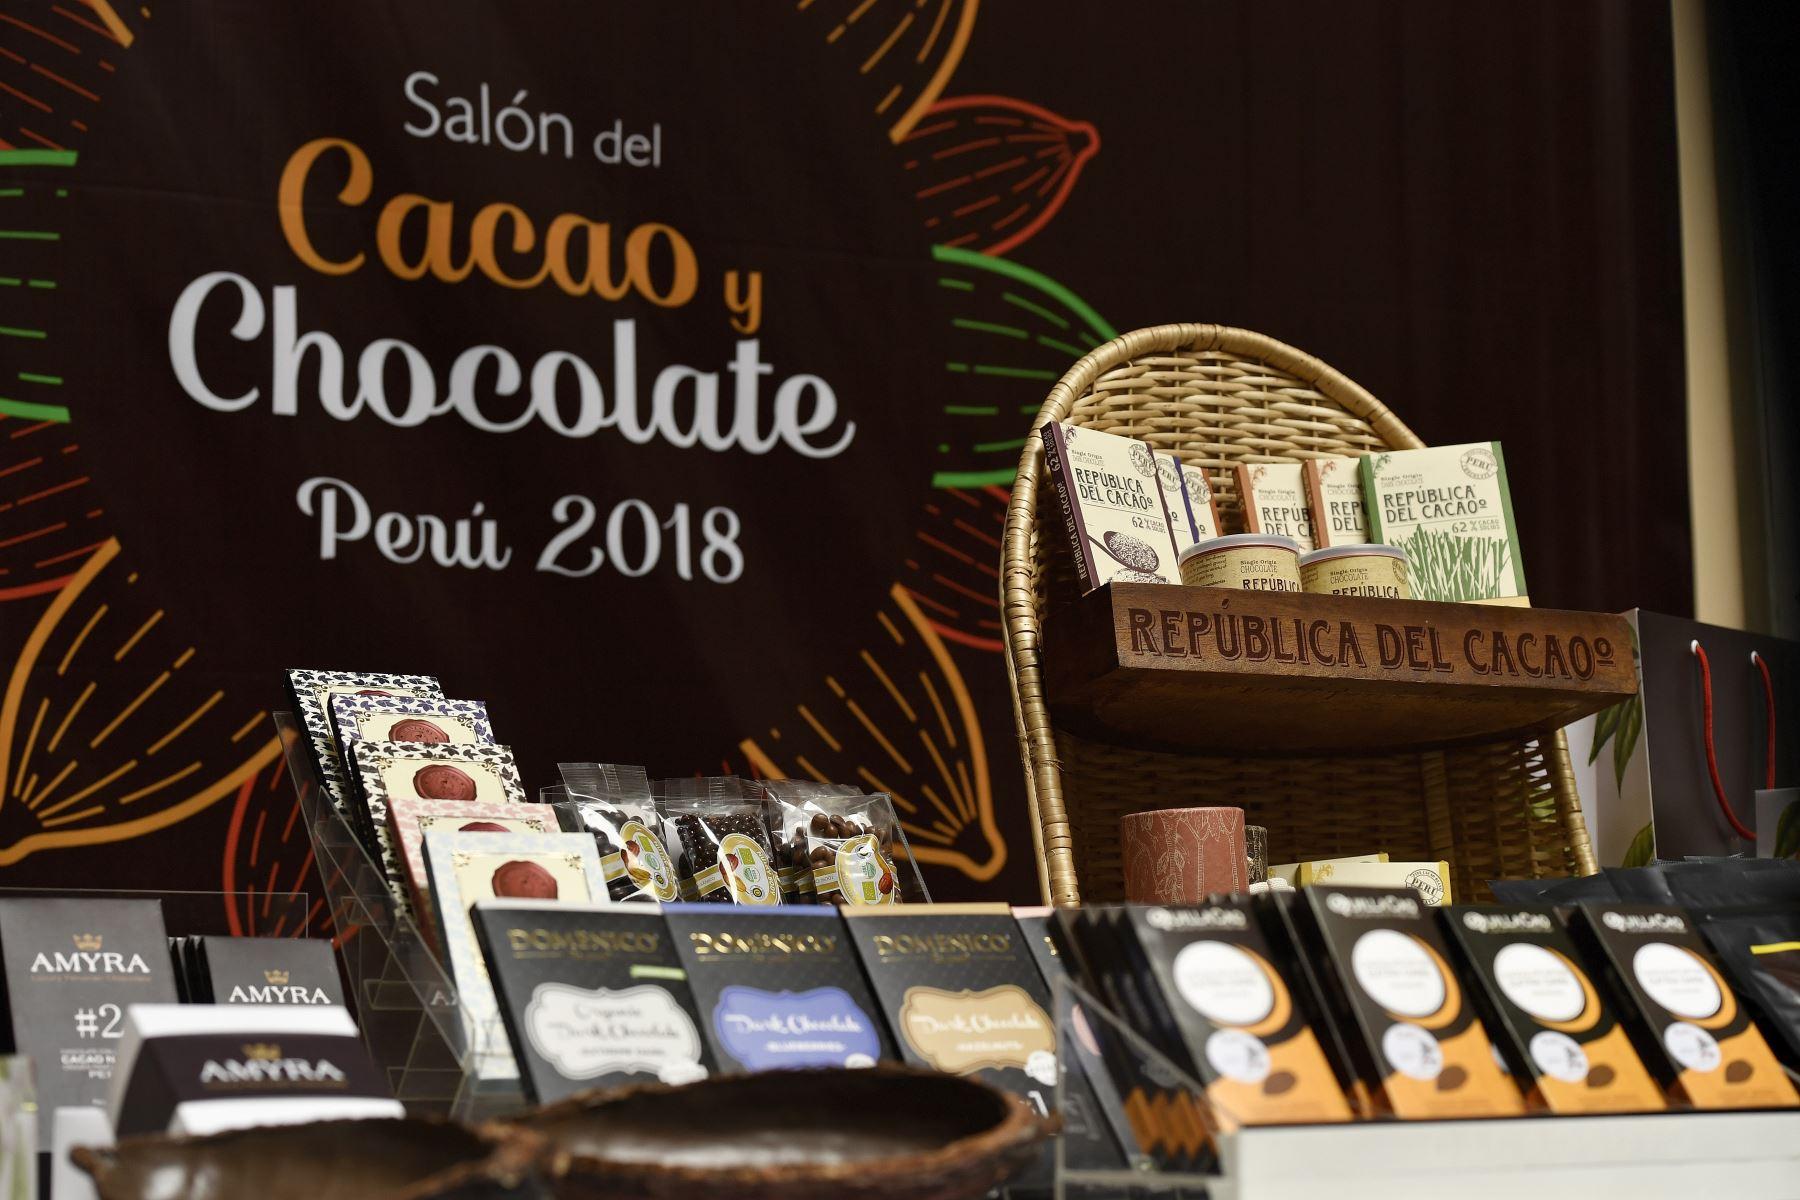 Empresarios de Alemania, Chile, Japón, Inglaterra, Italia y Estados Unidos están interesados en comprar cacao producido en el Valle de los Ríos Apurímac, Ene y Mantaro (Vraem), por lo que en el marco del IX Salón del Cacao y Chocolate que se realiza en Lima se pactaron 40 citas de negocios entre productores y representantes de compañías de esos países.Foto:  ANDINA/Difusión